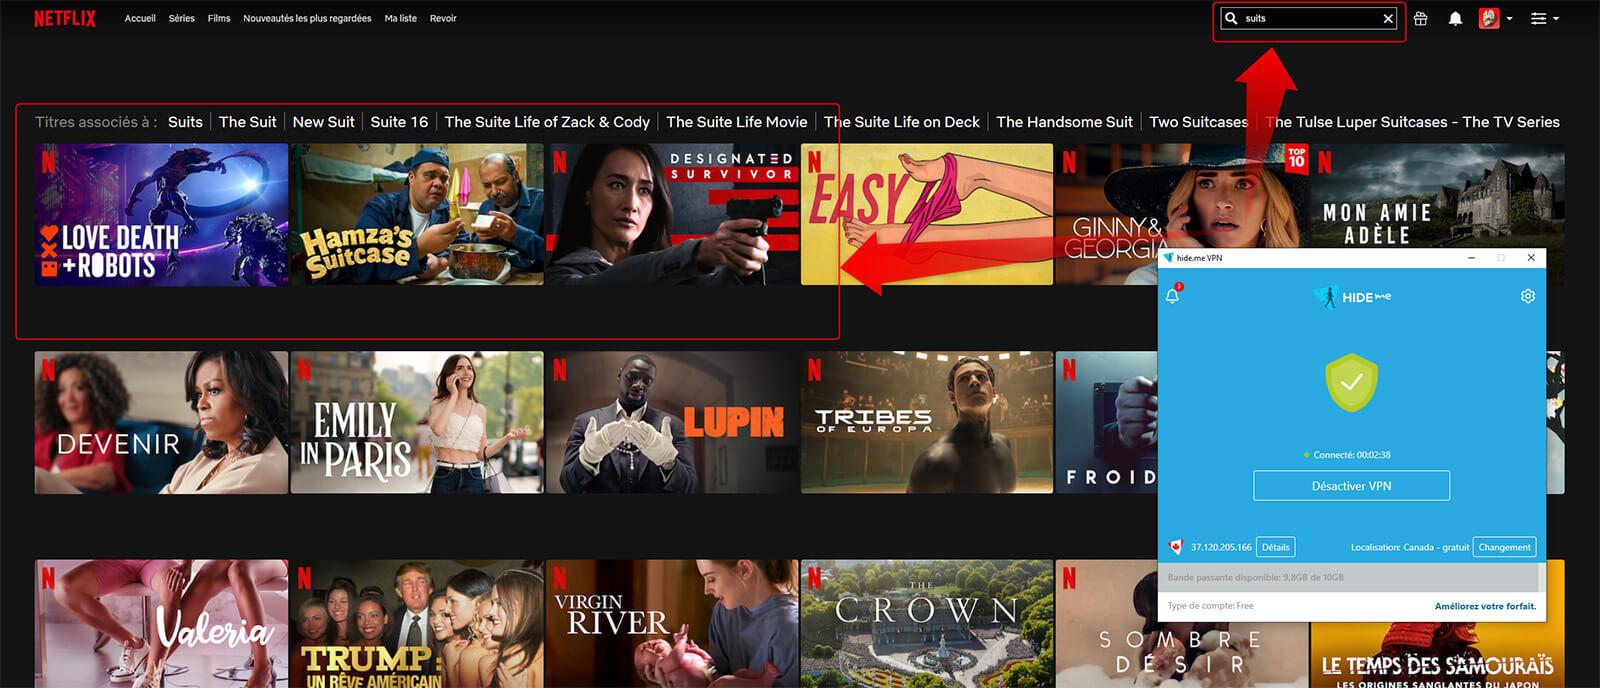 Netflix Canada Hide me